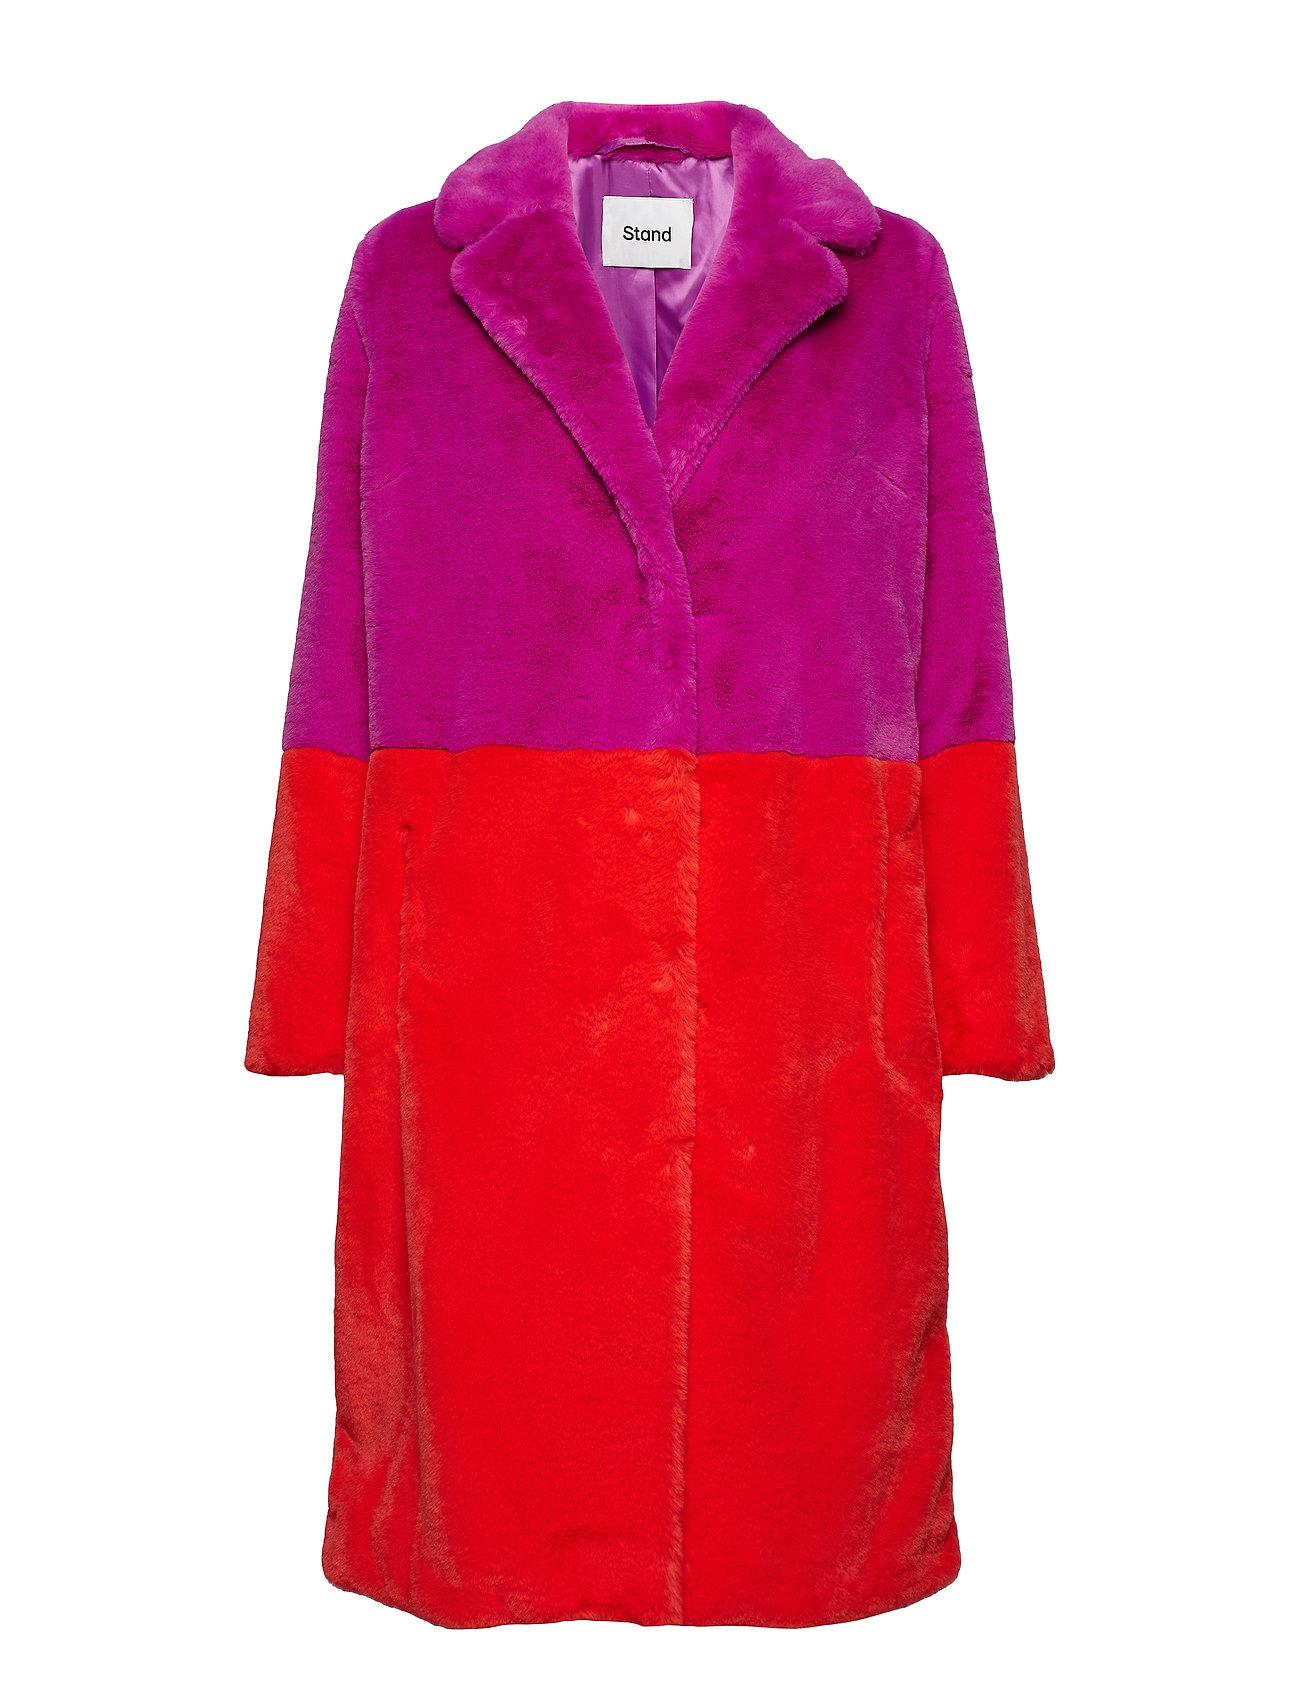 Stand Maribel Coat - LILAC/ACID RED